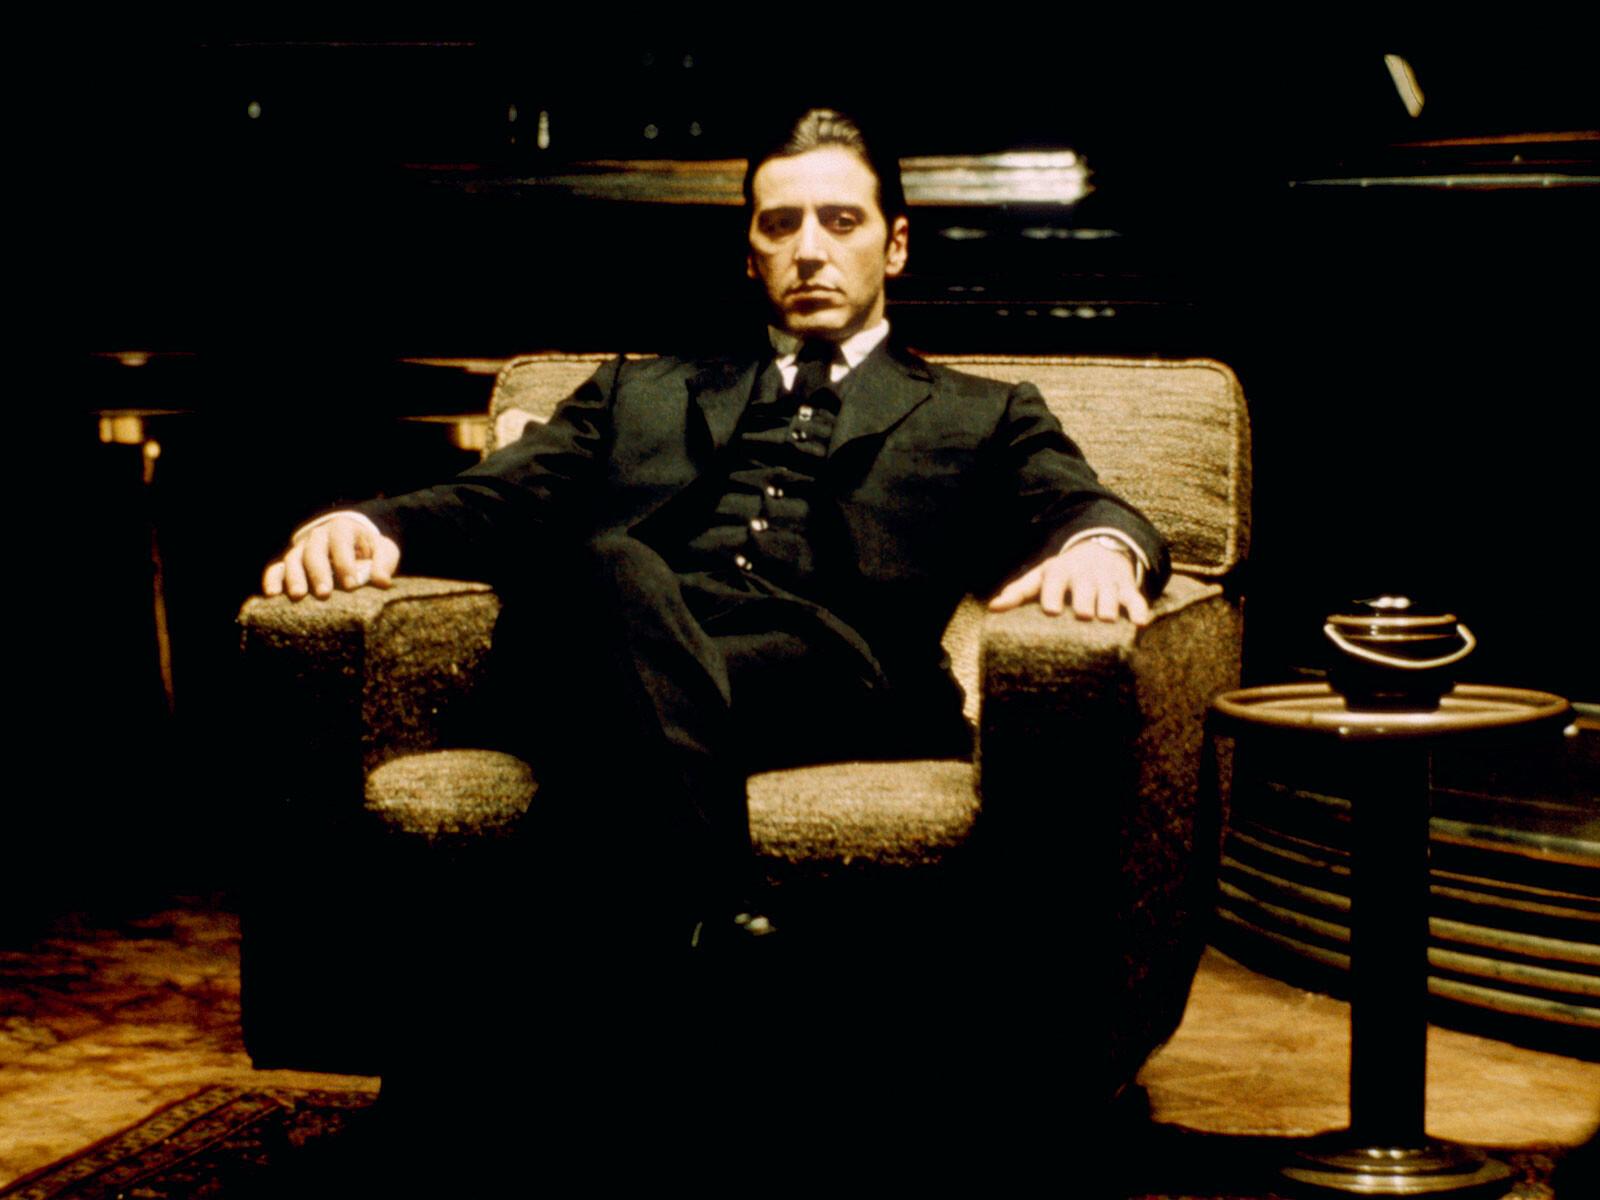 Michael Corleone Al Pacino  Francis Ford Coppola  Tableaux photographie art photographique